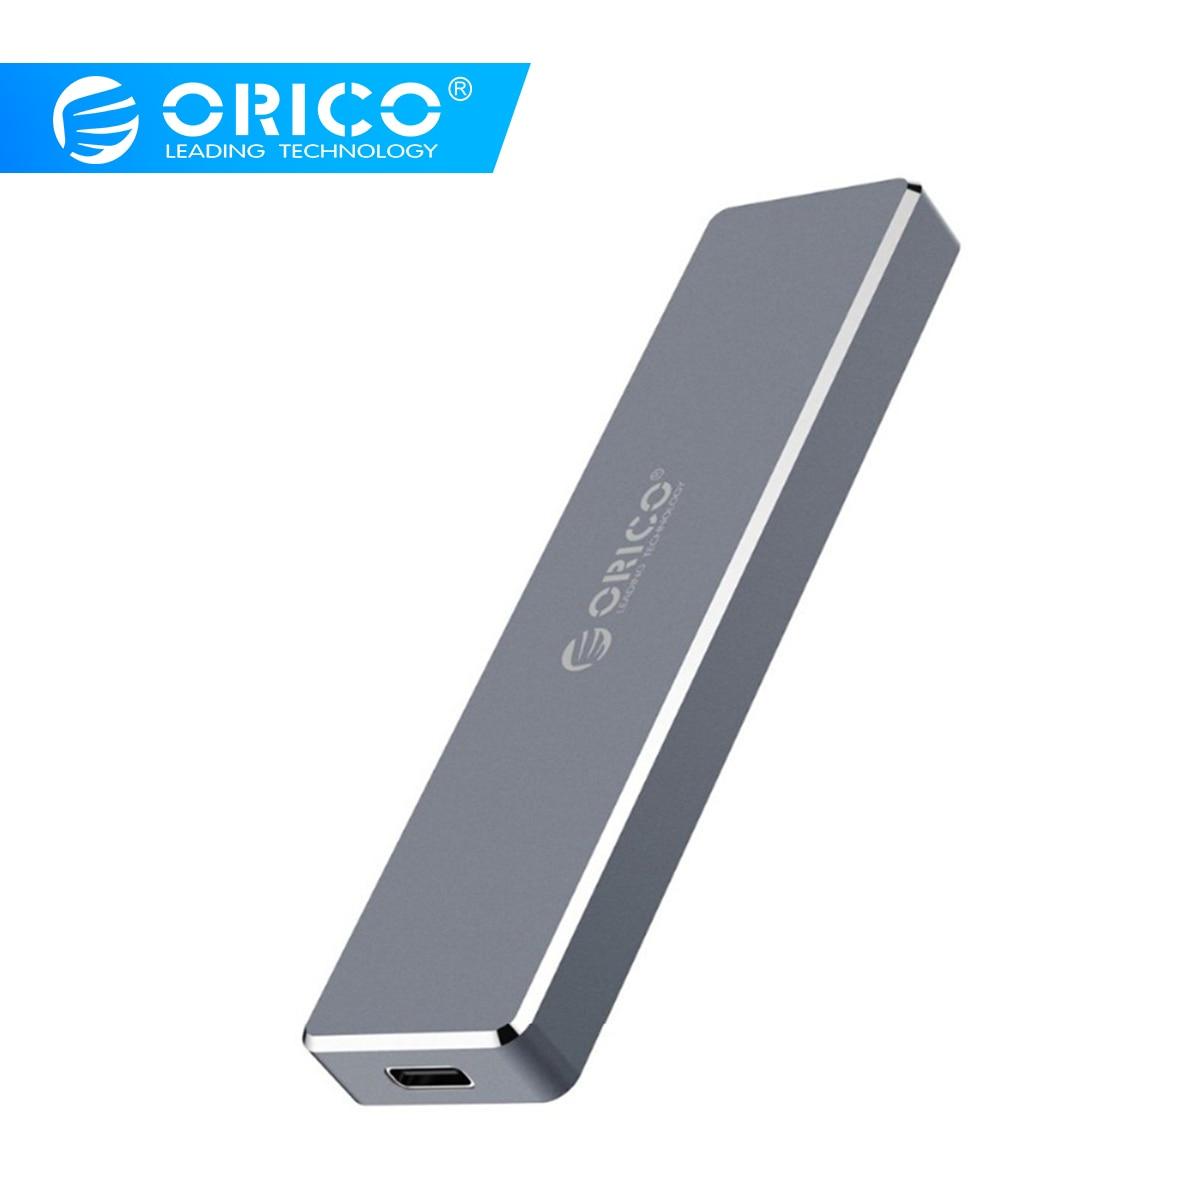 ORICO M.2 M clé SSD à USB 3.1 Type C boîtier M.2 Portable SSD cas de disque dur Mini Clip pousser boîtier ouvert mallette de rangement 2 To